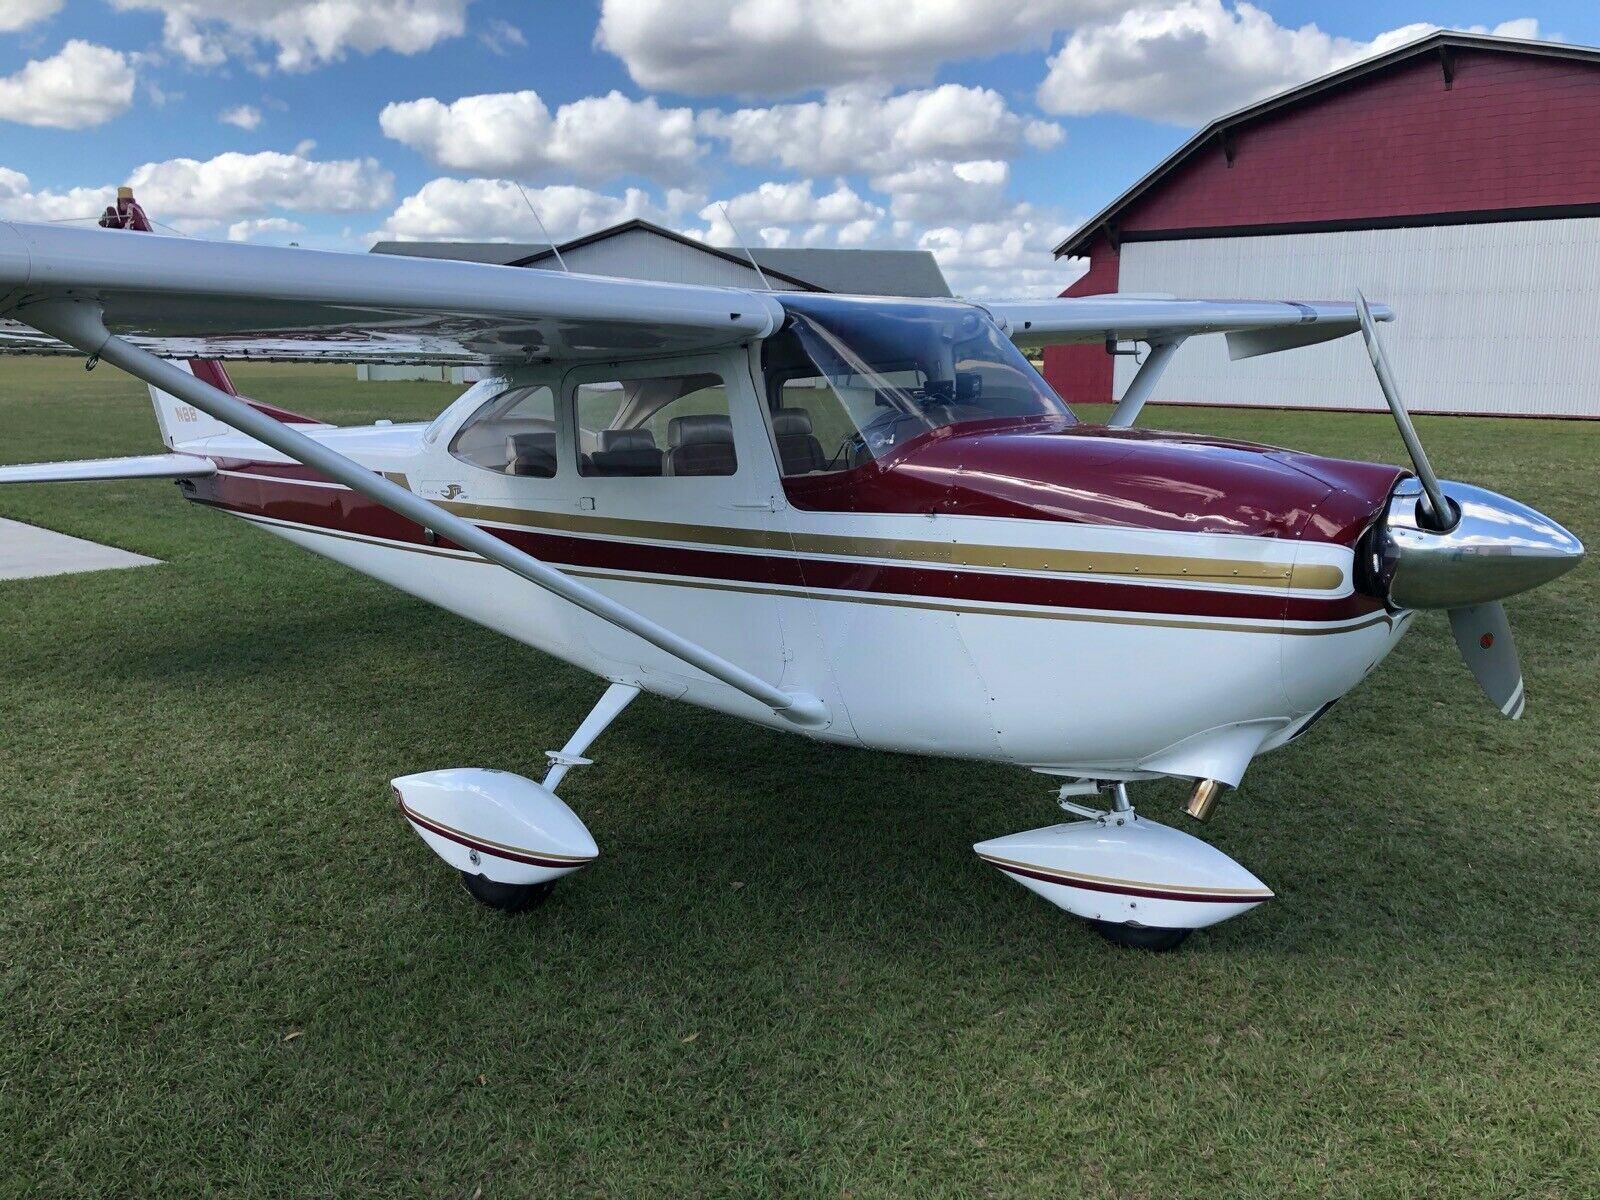 mint 1964 Cessna C172e aircraft for sale